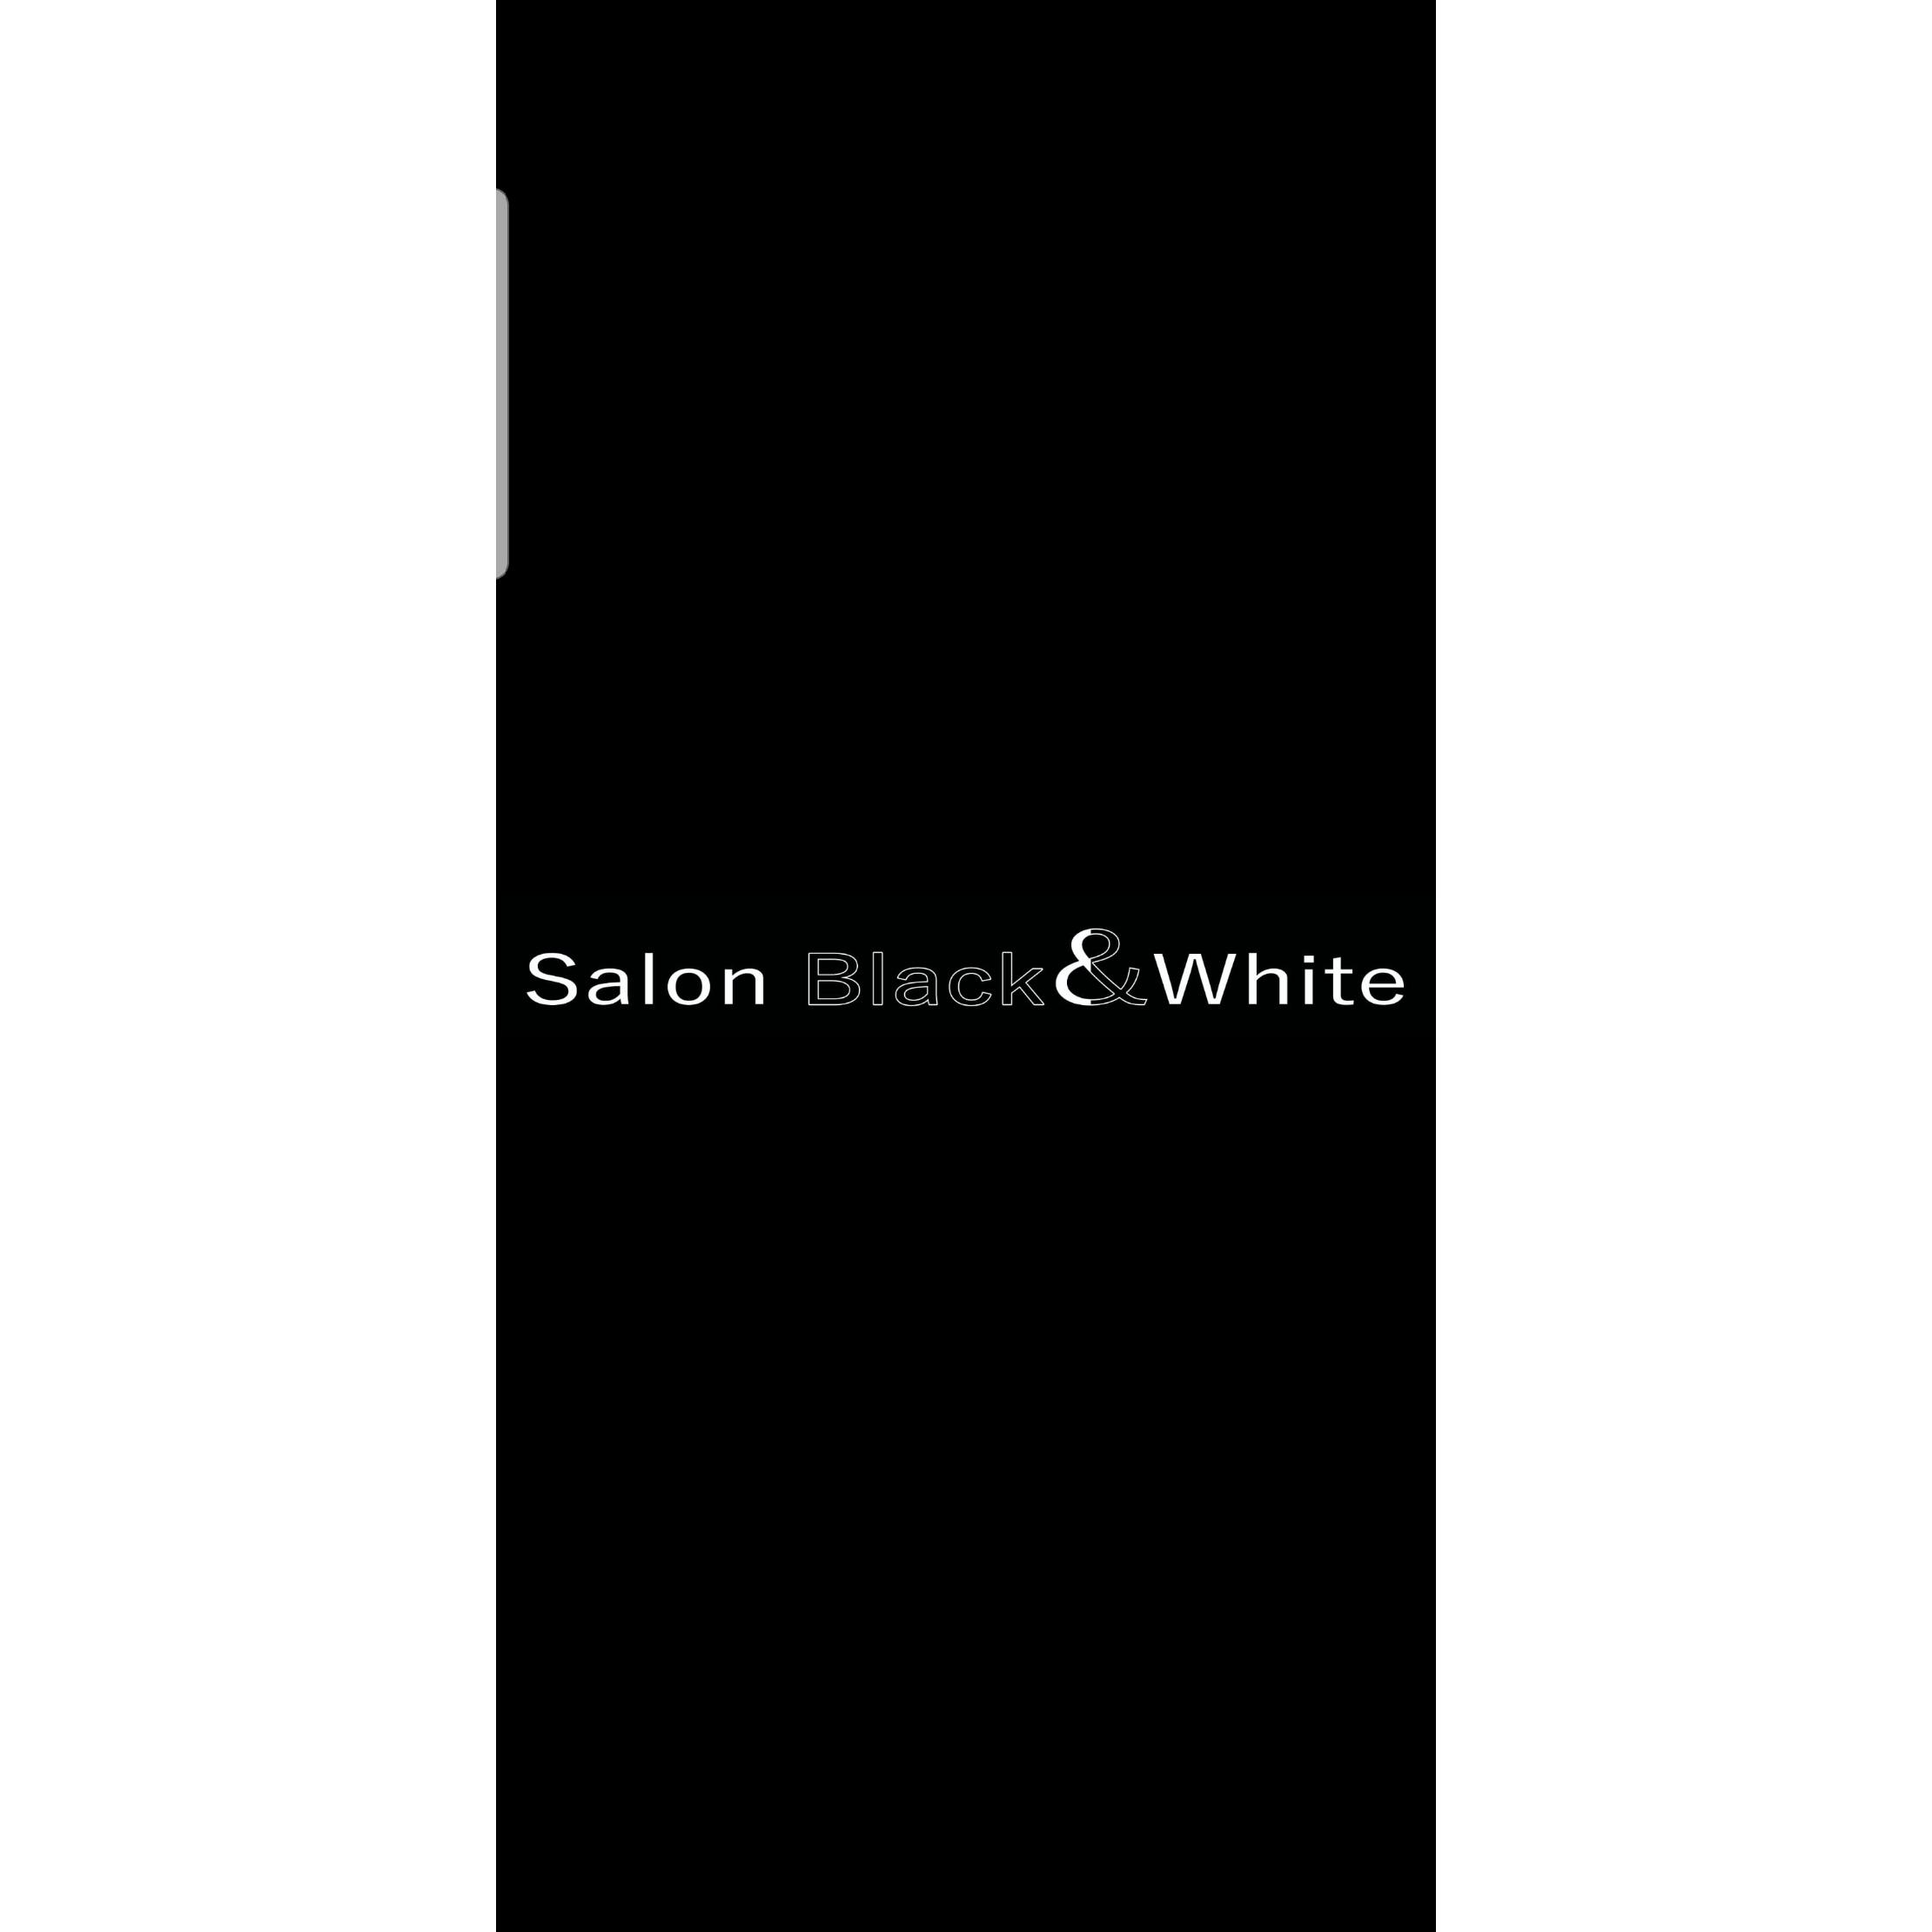 Logo von Salon Black & White